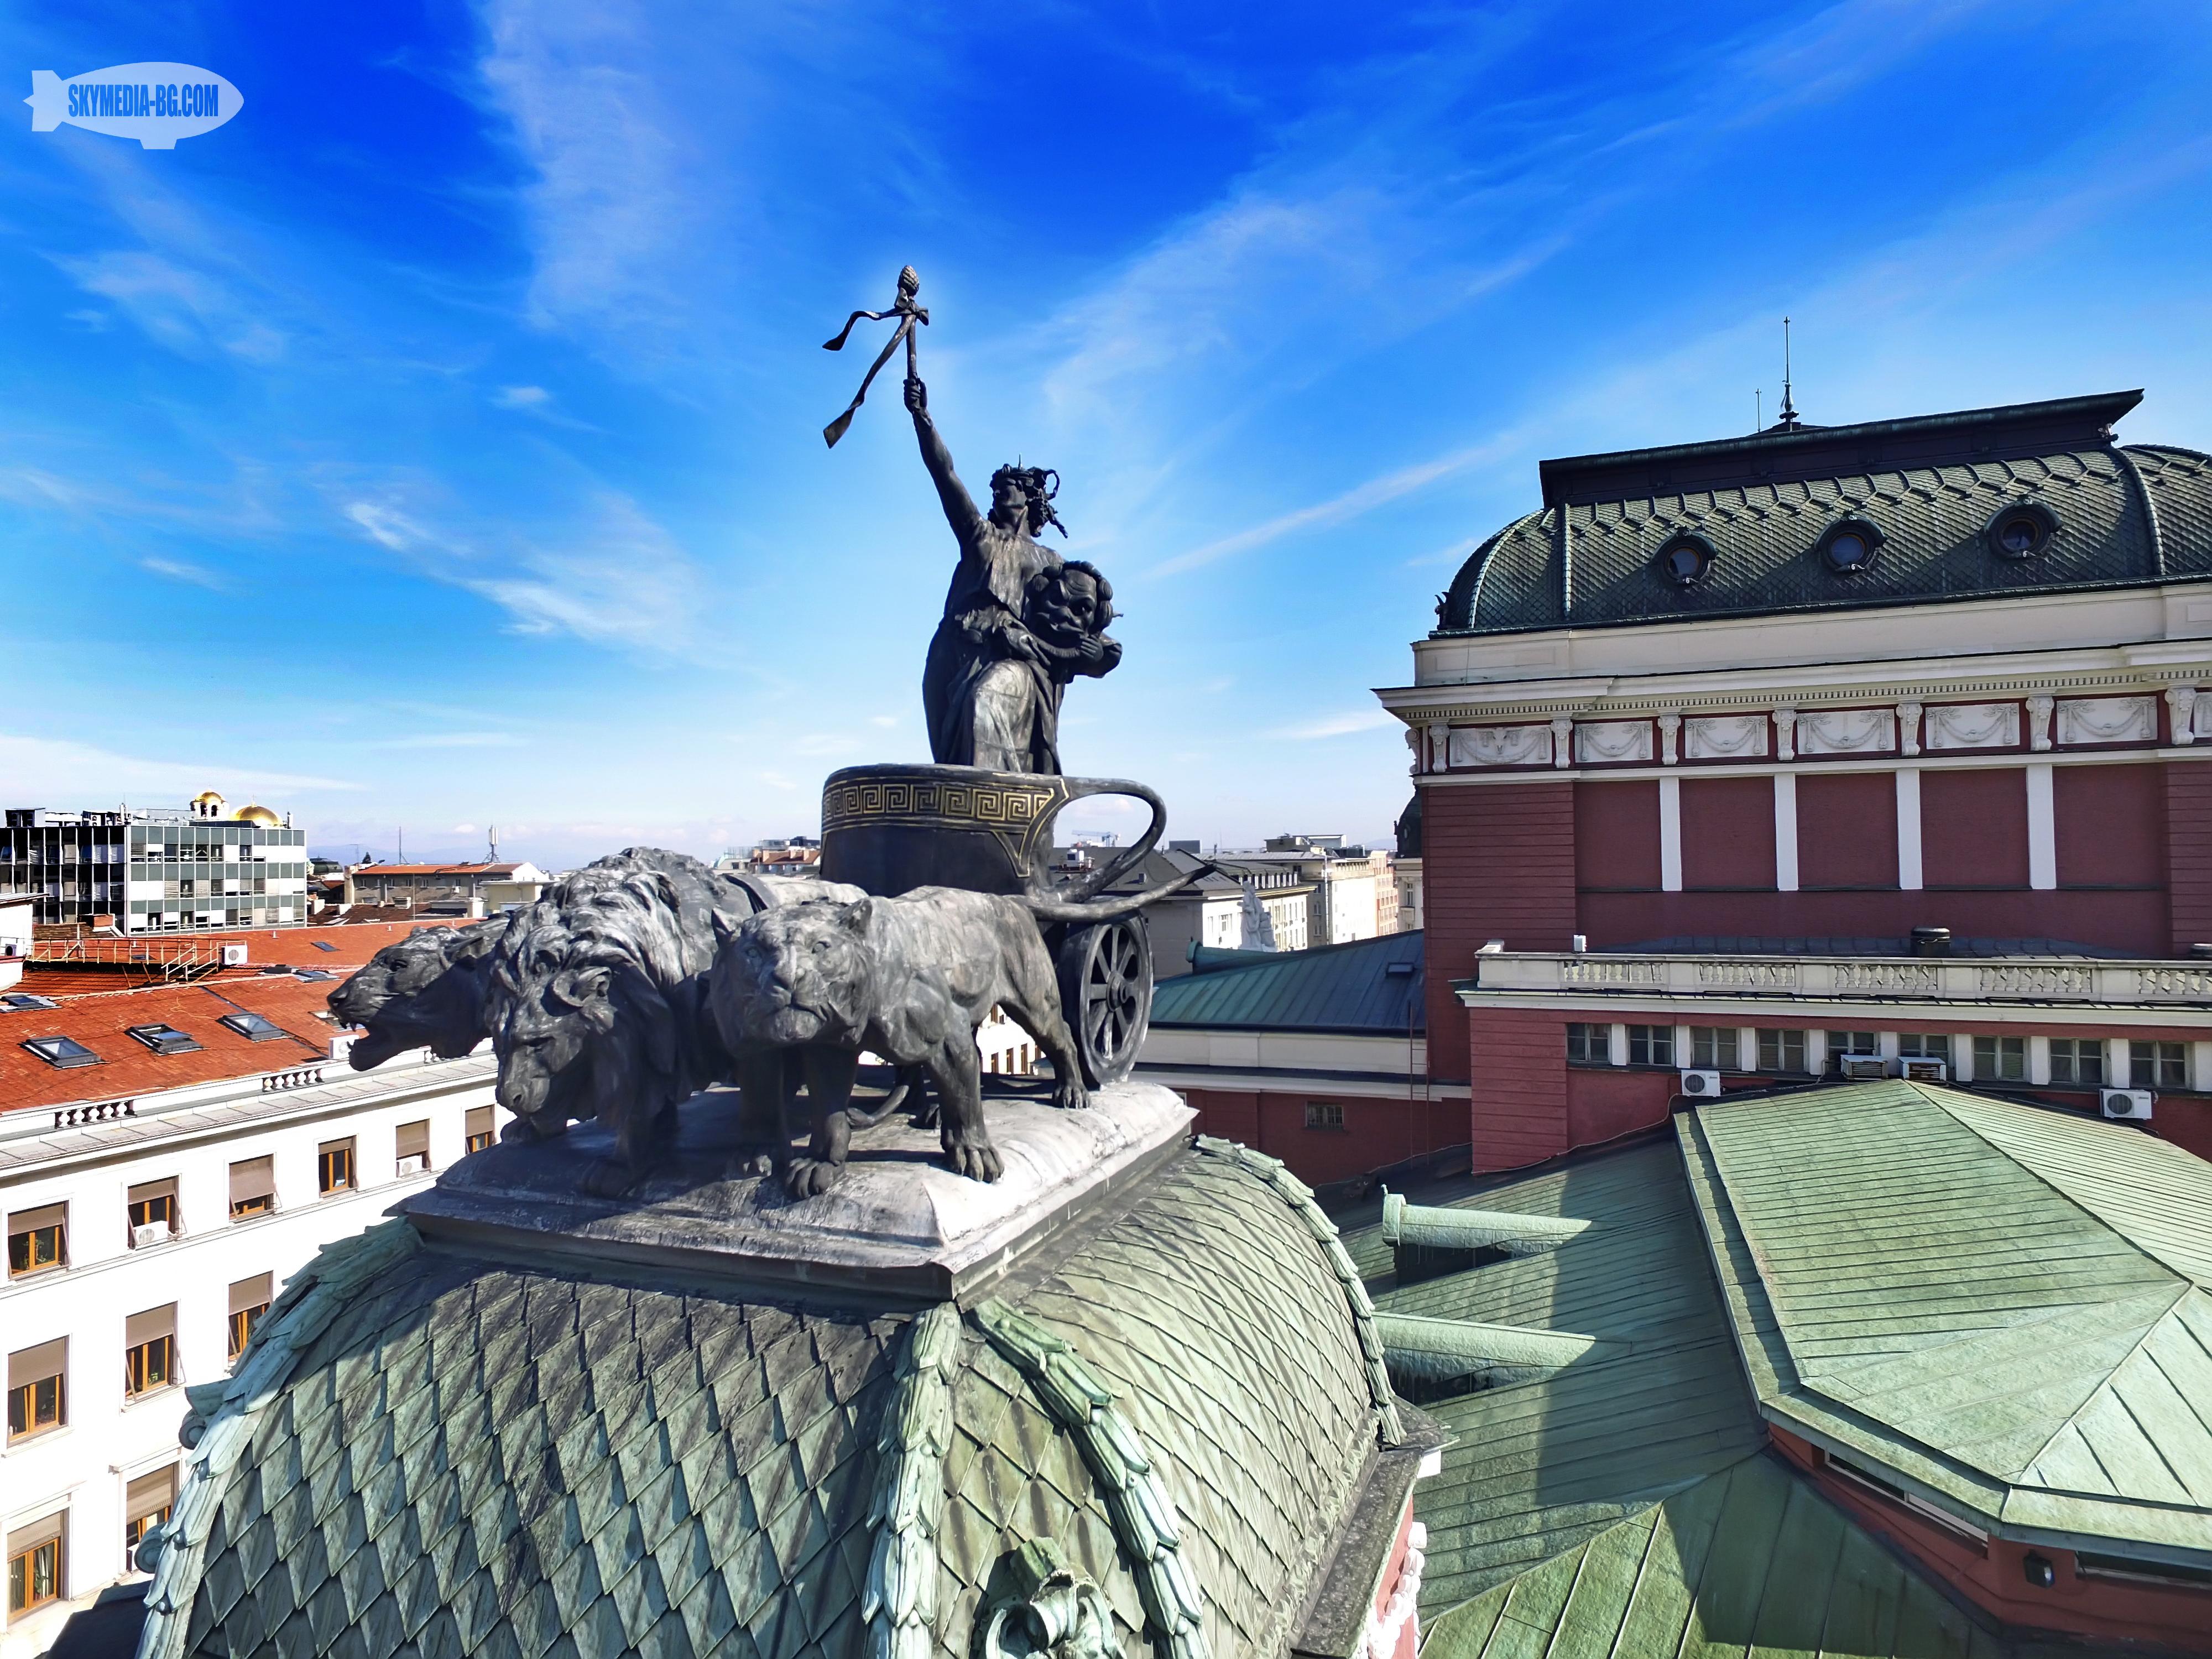 """Народният театър """"Иван Вазов"""" е завършен през 1906 г. по проект на виенските архитекти Херман Хелмер и Фердинанд Фелнер. Това е едната от двете метални композиции над предната фасада на театъра"""